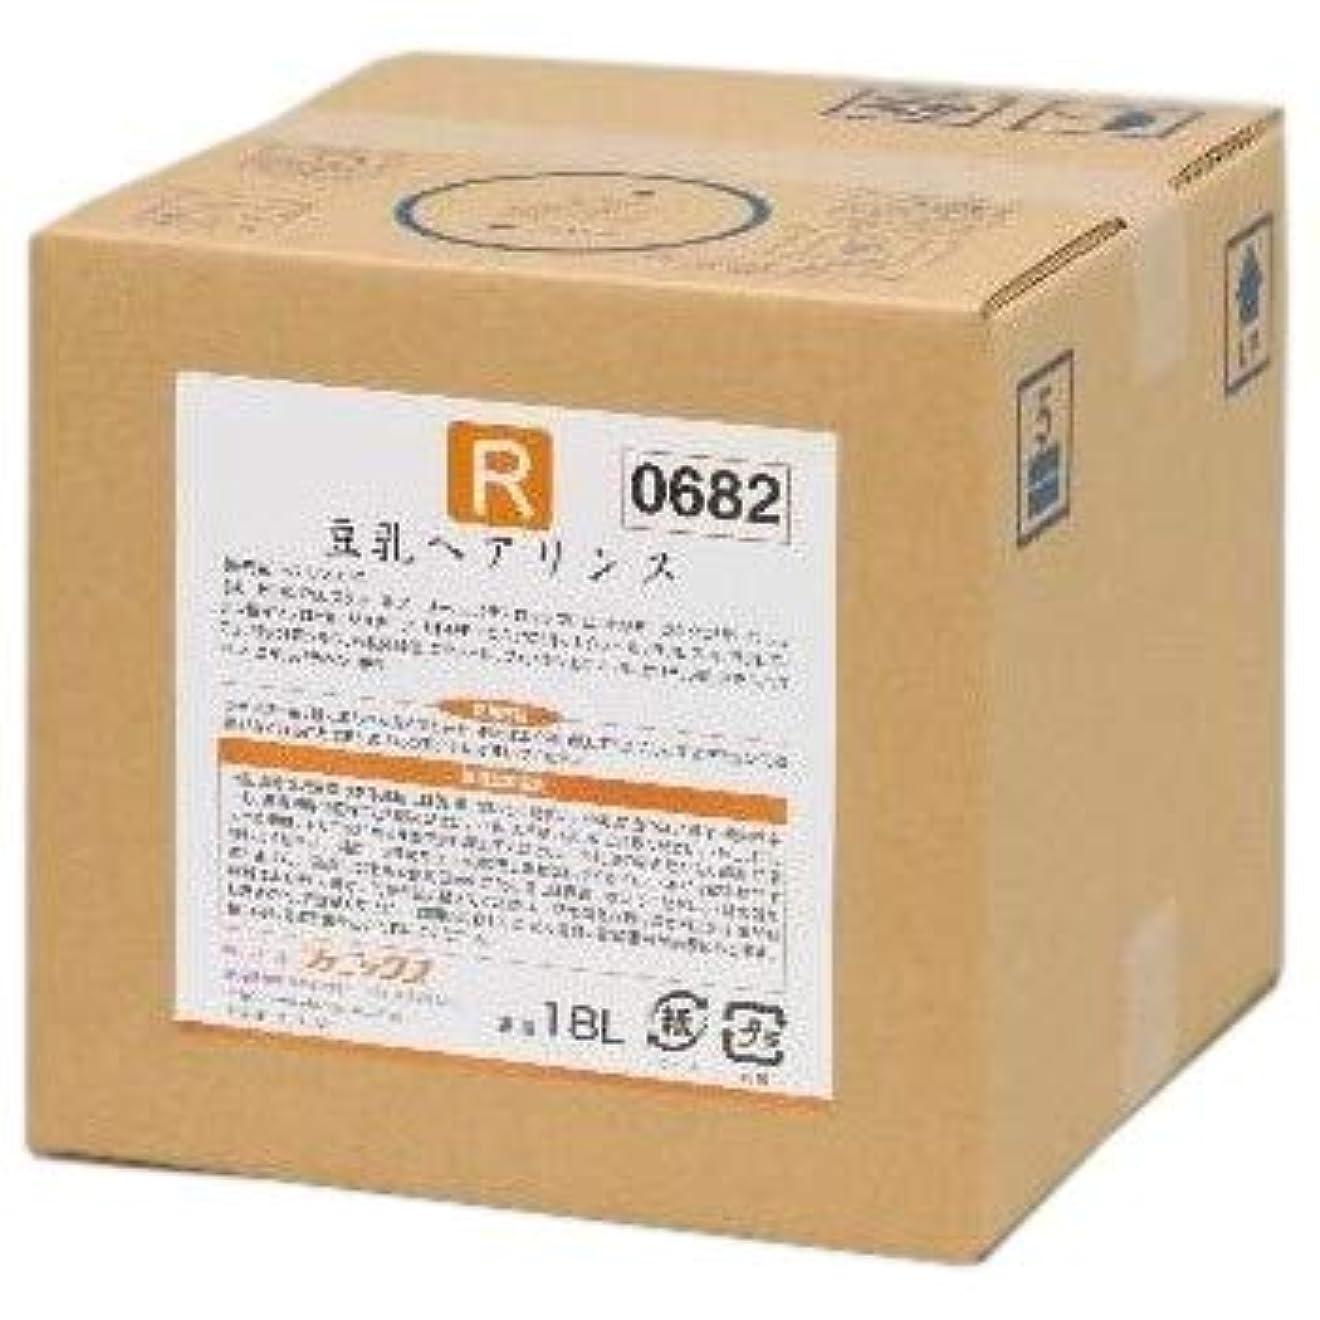 豆乳ヘアリンス 18L 1個